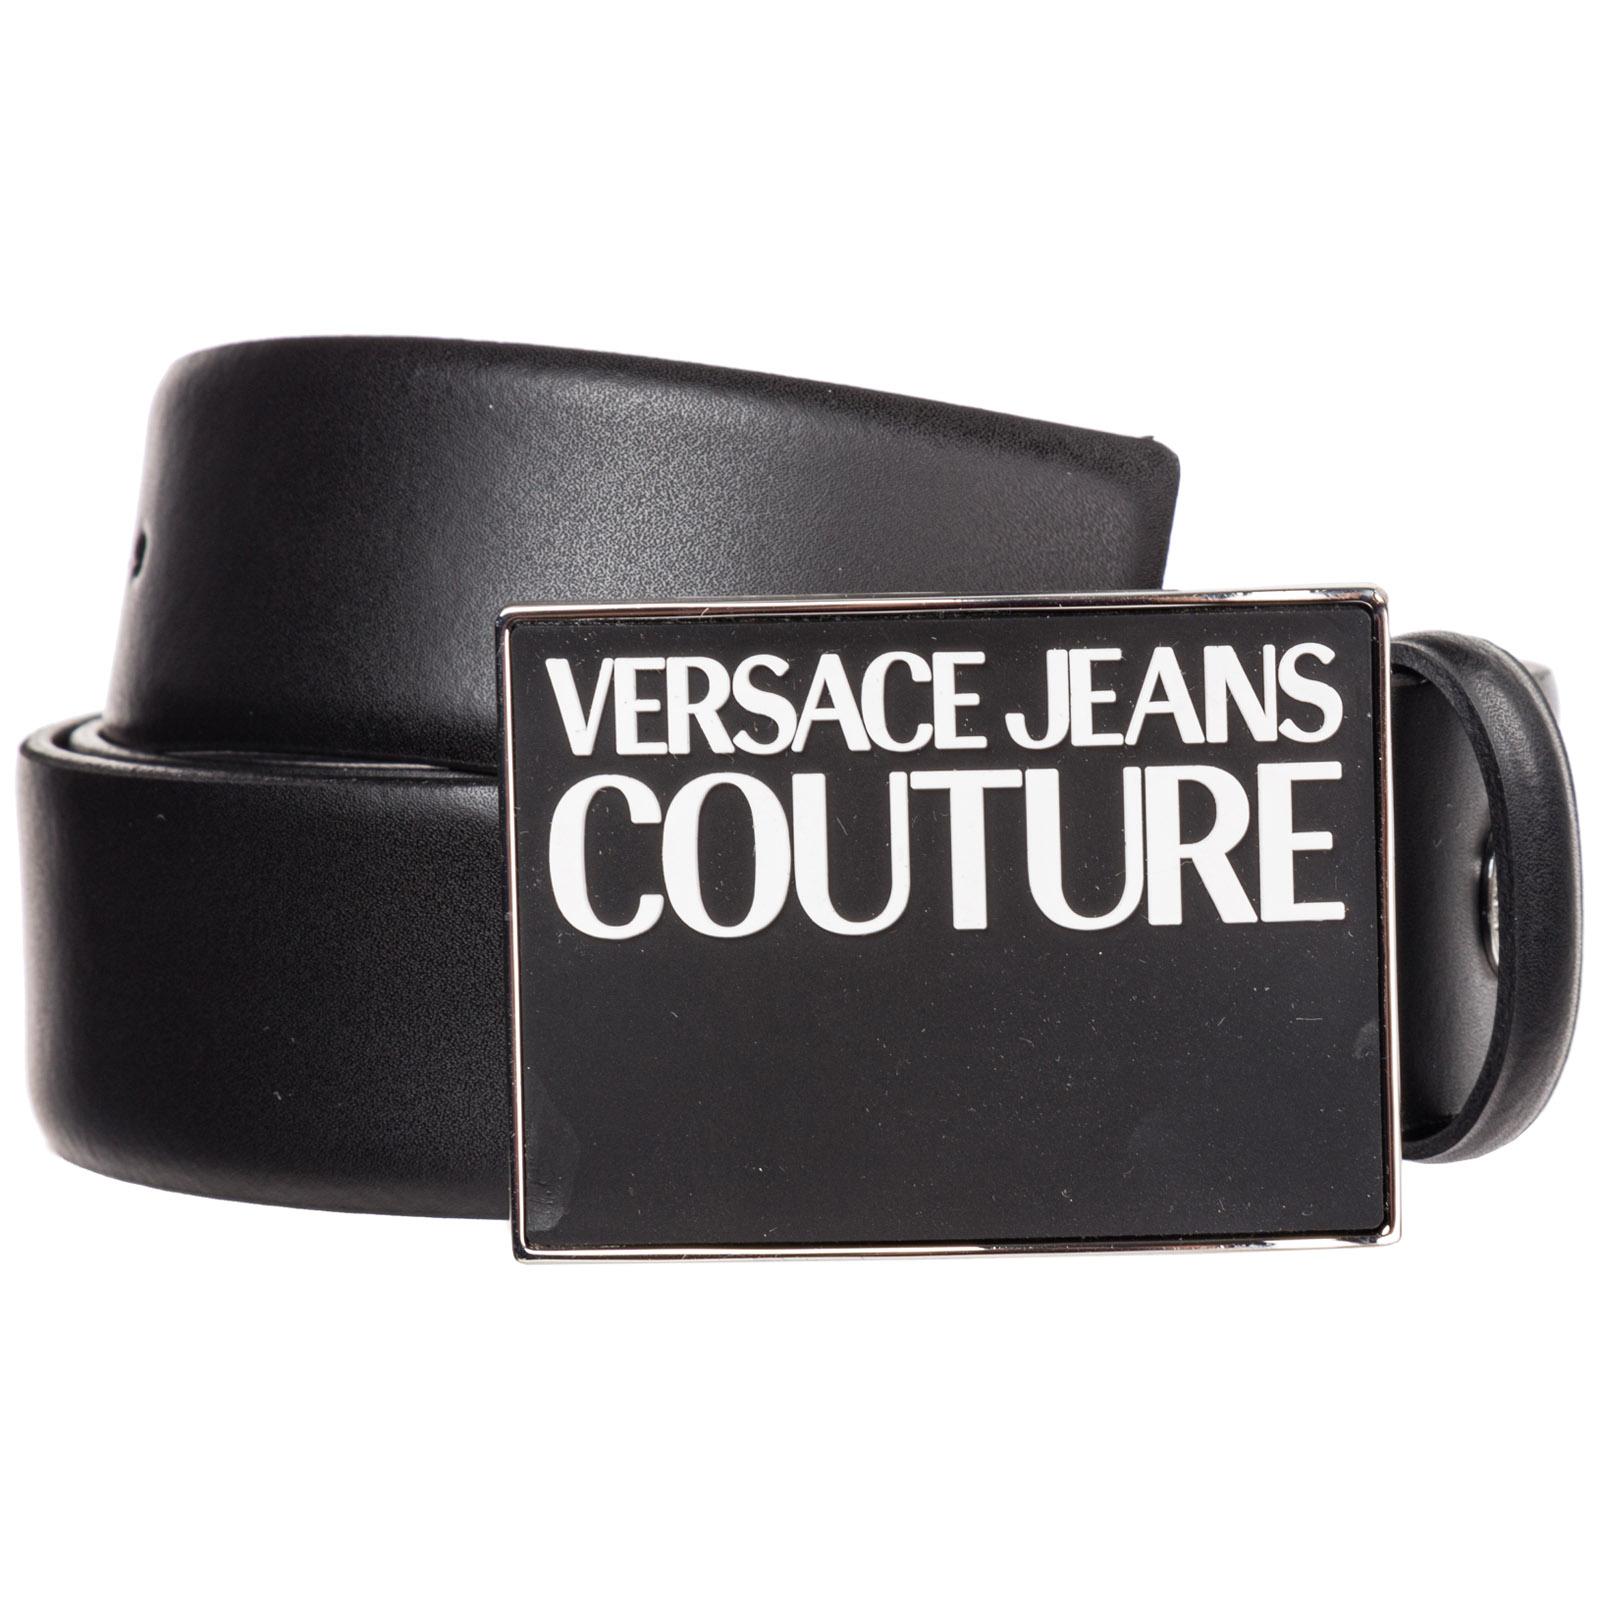 a basso costo 86454 26593 Cintura Versace Jeans Couture ed8yubf34-e71322_e899 nero | FRMODA.com